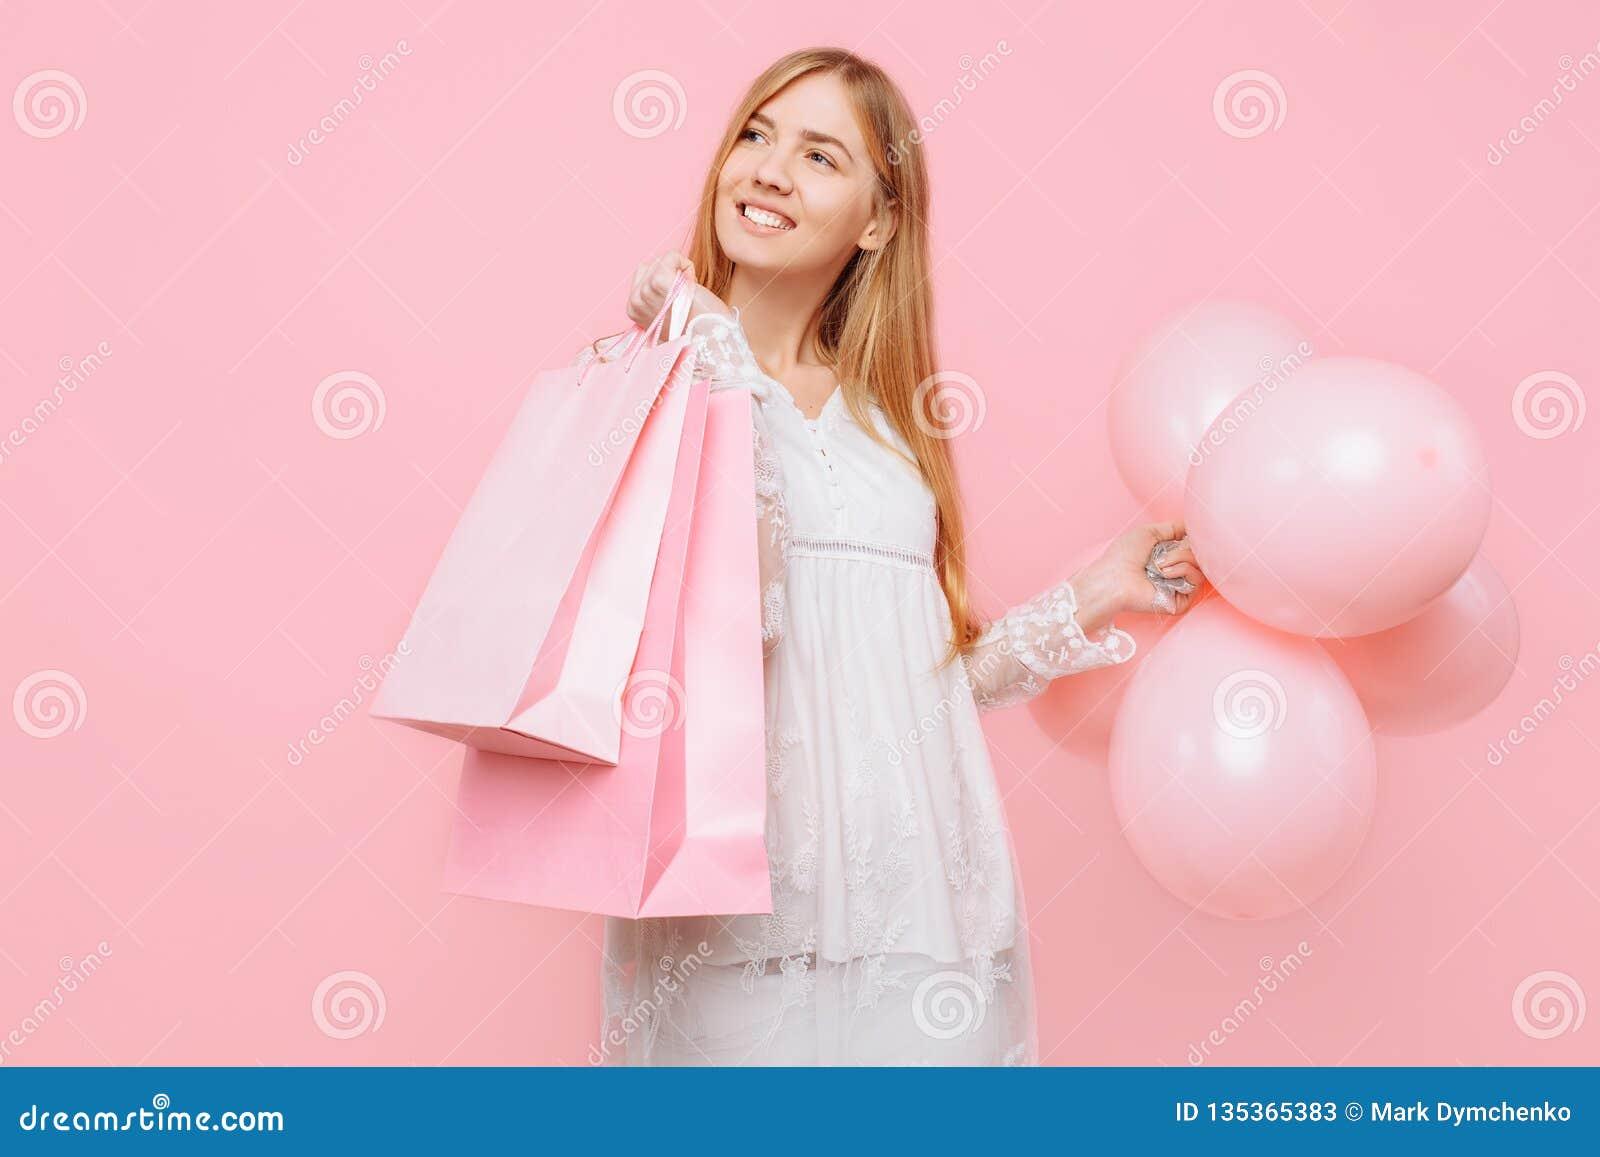 Jeune femme heureuse, dans une robe blanche, avec des sacs dans les mains et des ballons, sur un fond rose Concept d achats